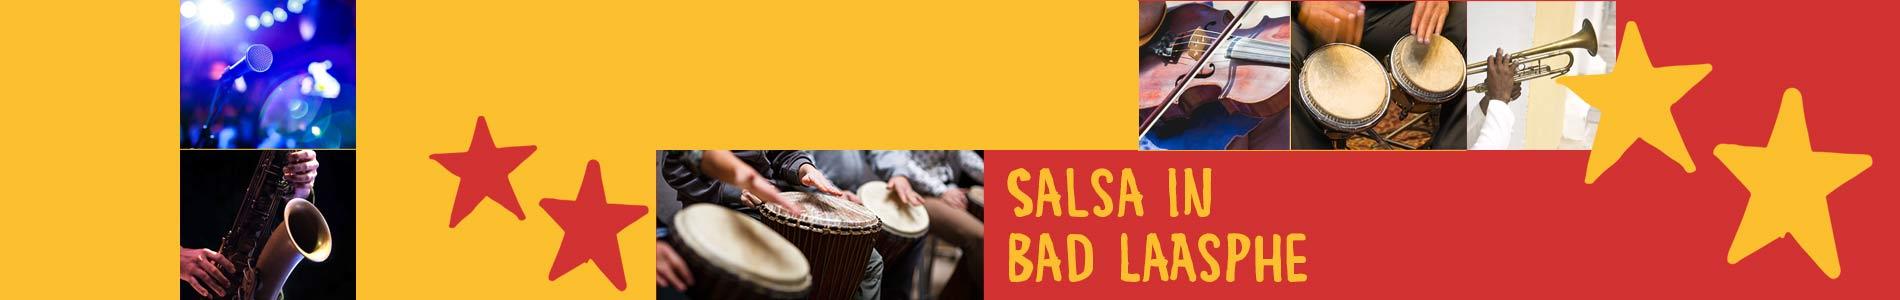 Salsa in Bad Laasphe – Salsa lernen und tanzen, Tanzkurse, Partys, Veranstaltungen